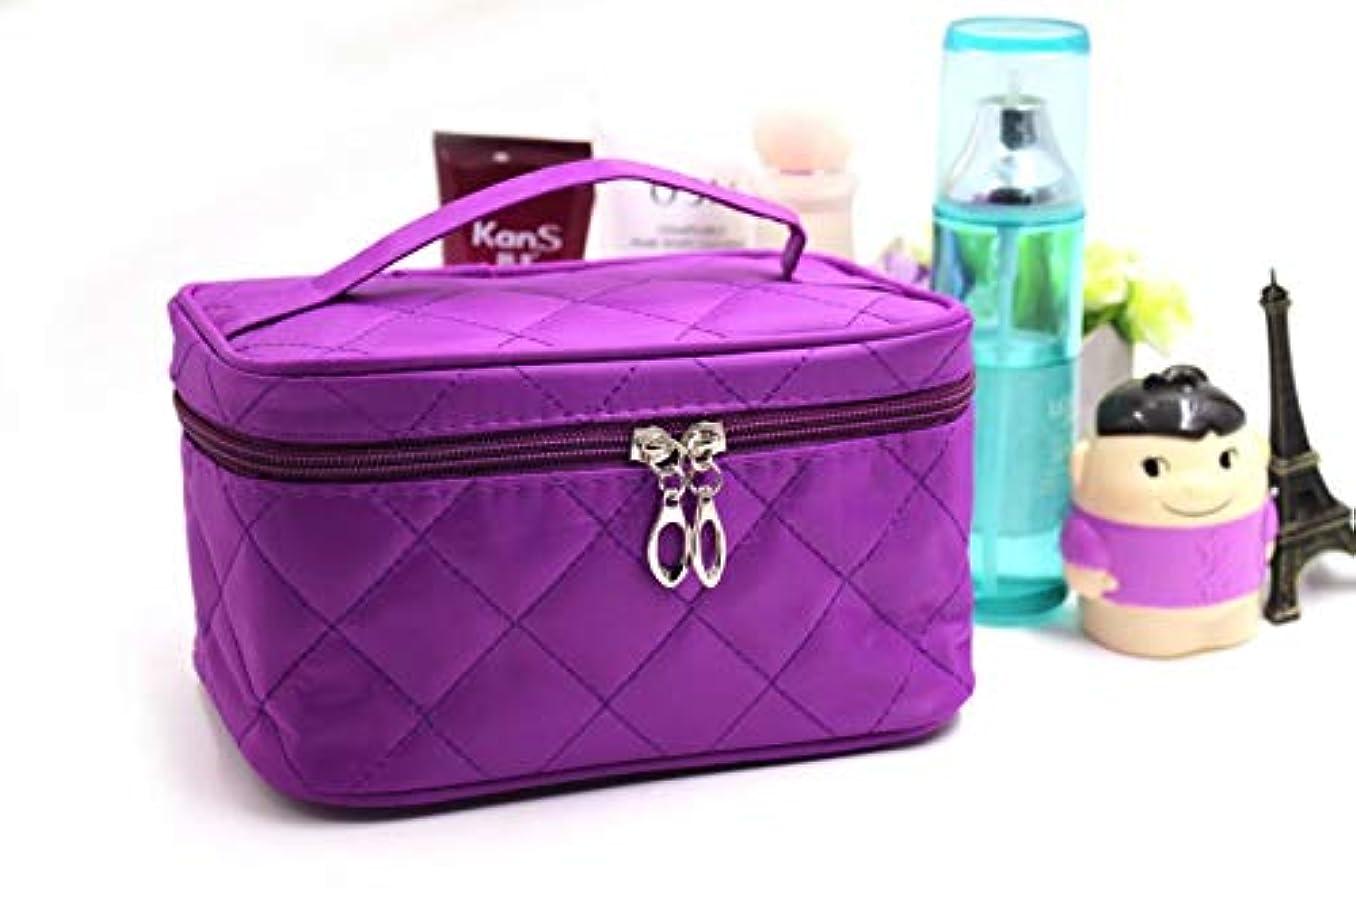 服を着る重力ブリークLiroyal 化粧ポーチ コスメポーチ メイクポーチ 大容量 バニティポーチ 機能的 紫色